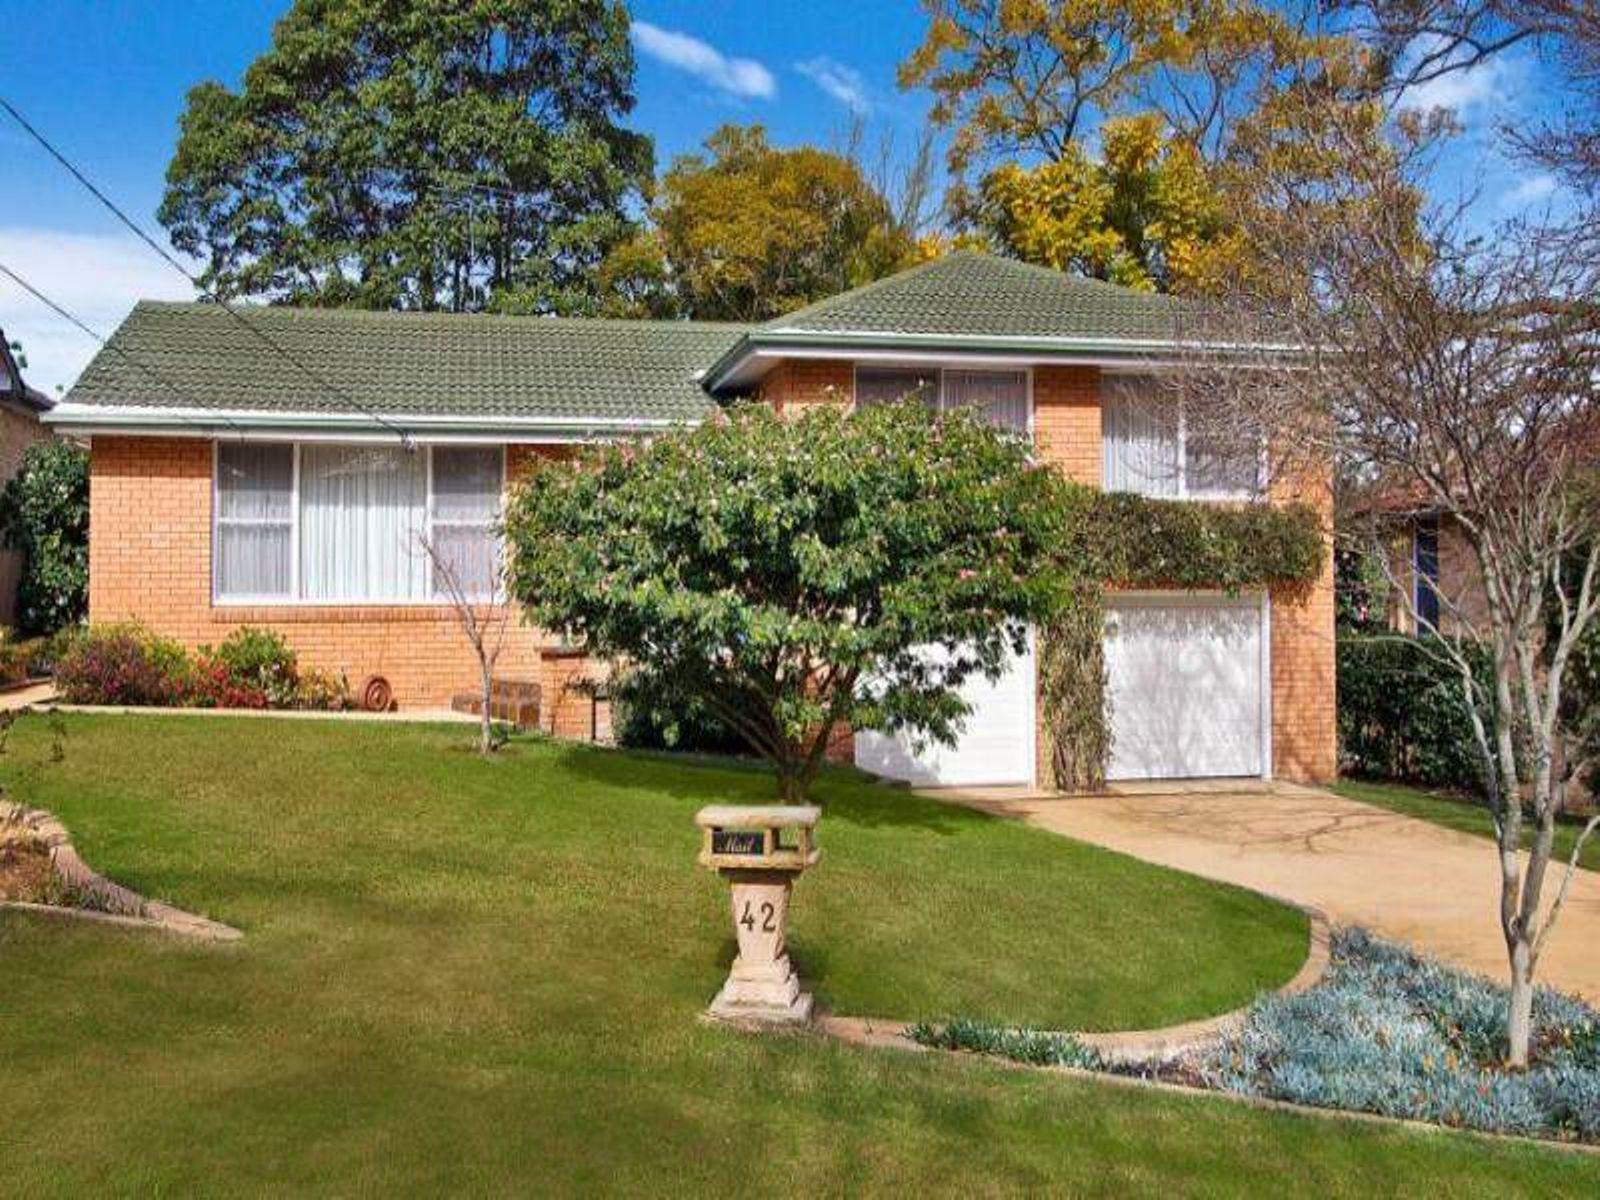 42 Bingara Road, Beecroft, NSW 2119